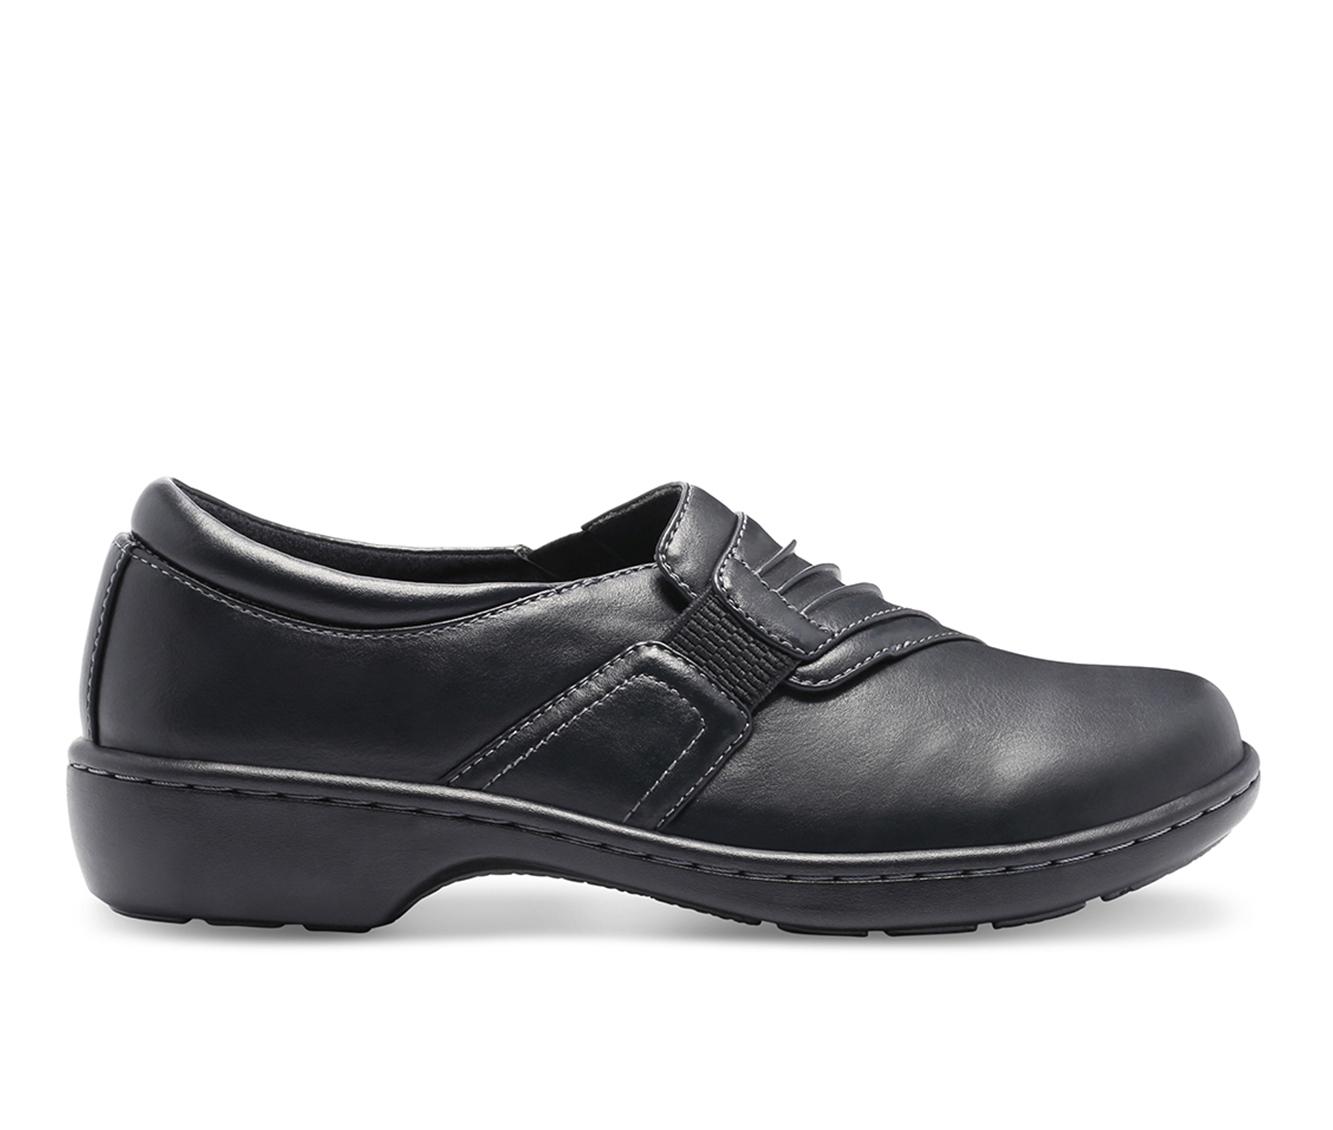 Eastland Piper Women's Shoe (Black Leather)